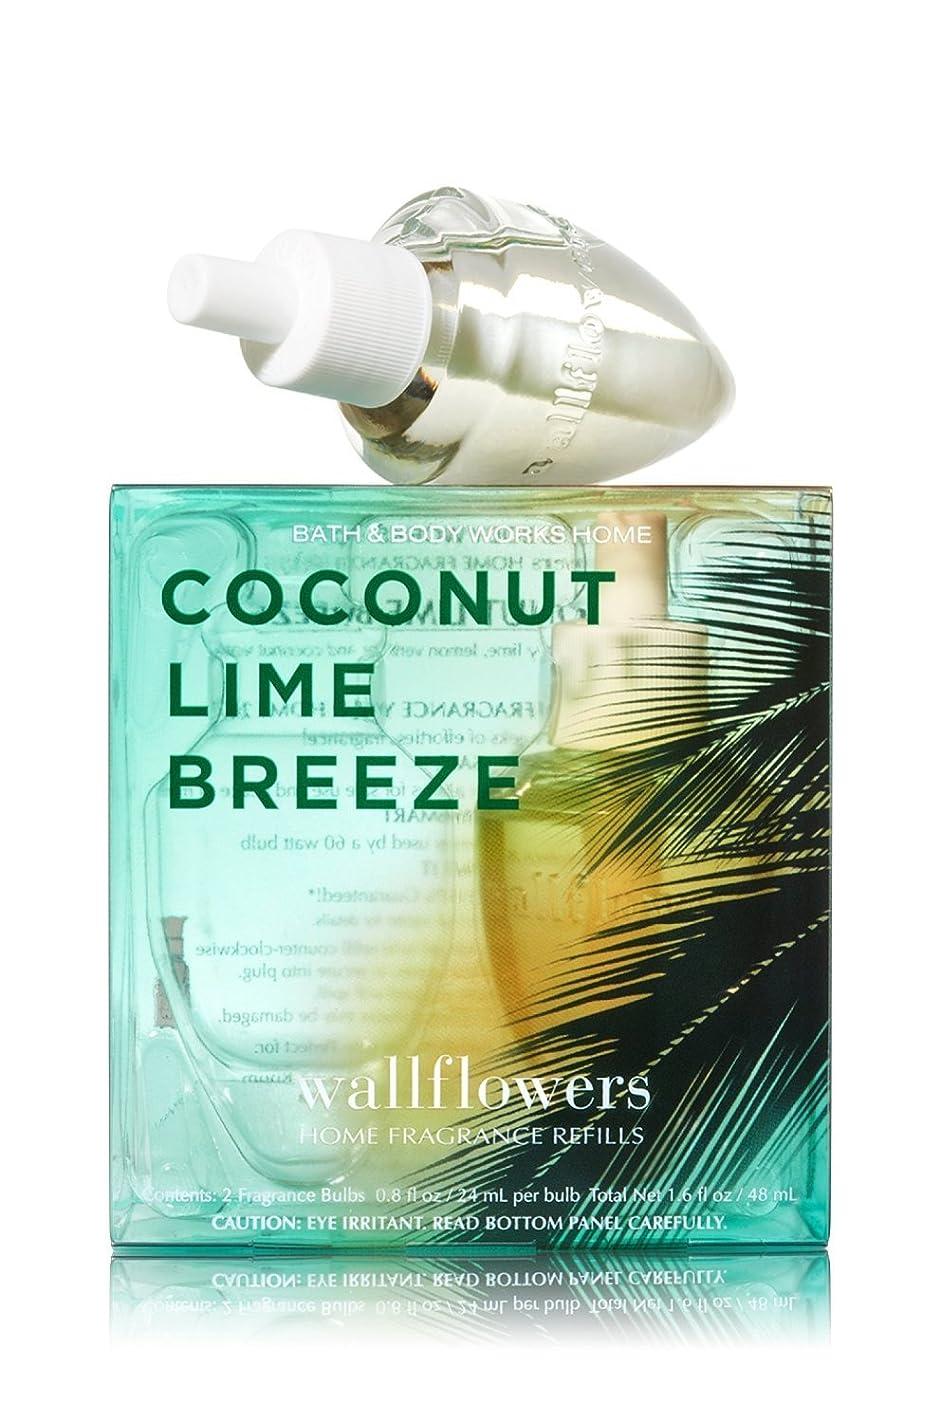 信頼果てしない雪だるま【Bath&Body Works/バス&ボディワークス】 ホームフレグランス 詰替えリフィル(2個入り) ココナッツライムブリーズ Wallflowers Home Fragrance 2-Pack Refills Coconut Lime Breeze [並行輸入品]